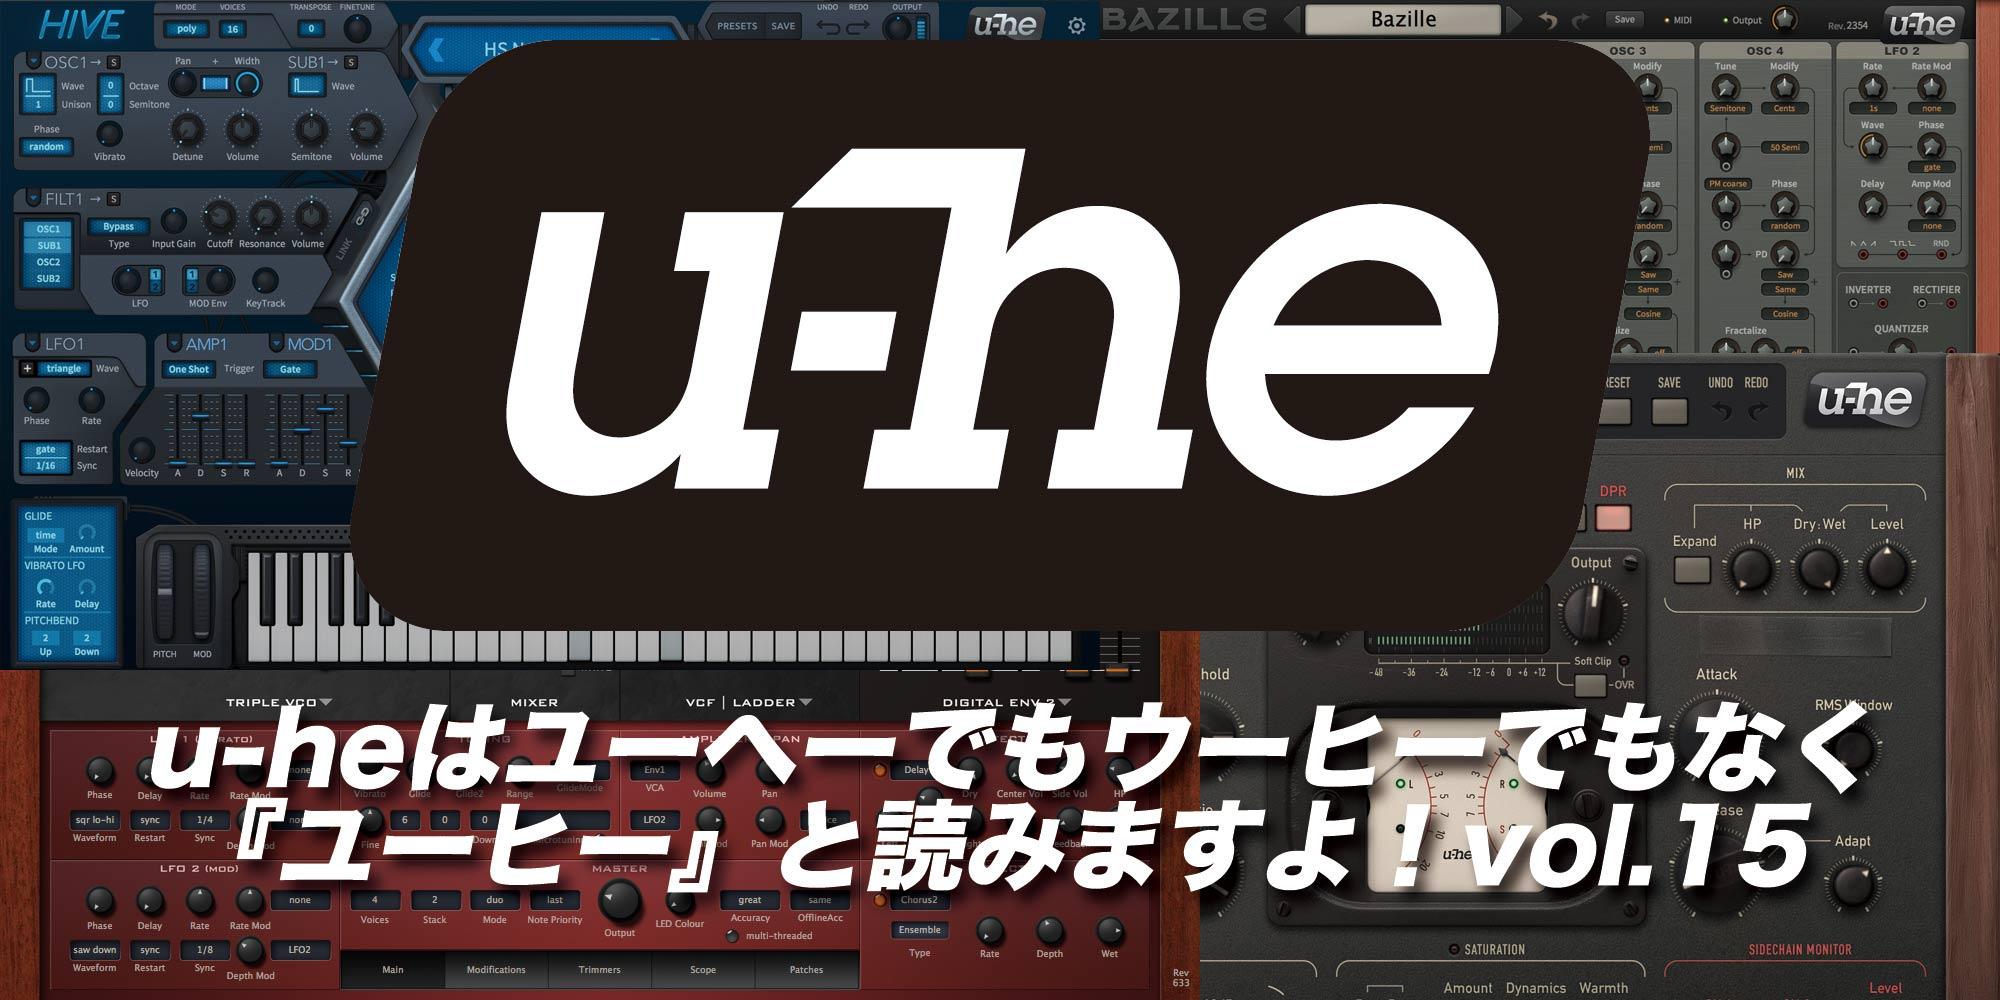 【連載】u-heはユーヘーでもウーヒーでもなく『ユーヒー』と読みますよ!vol.15